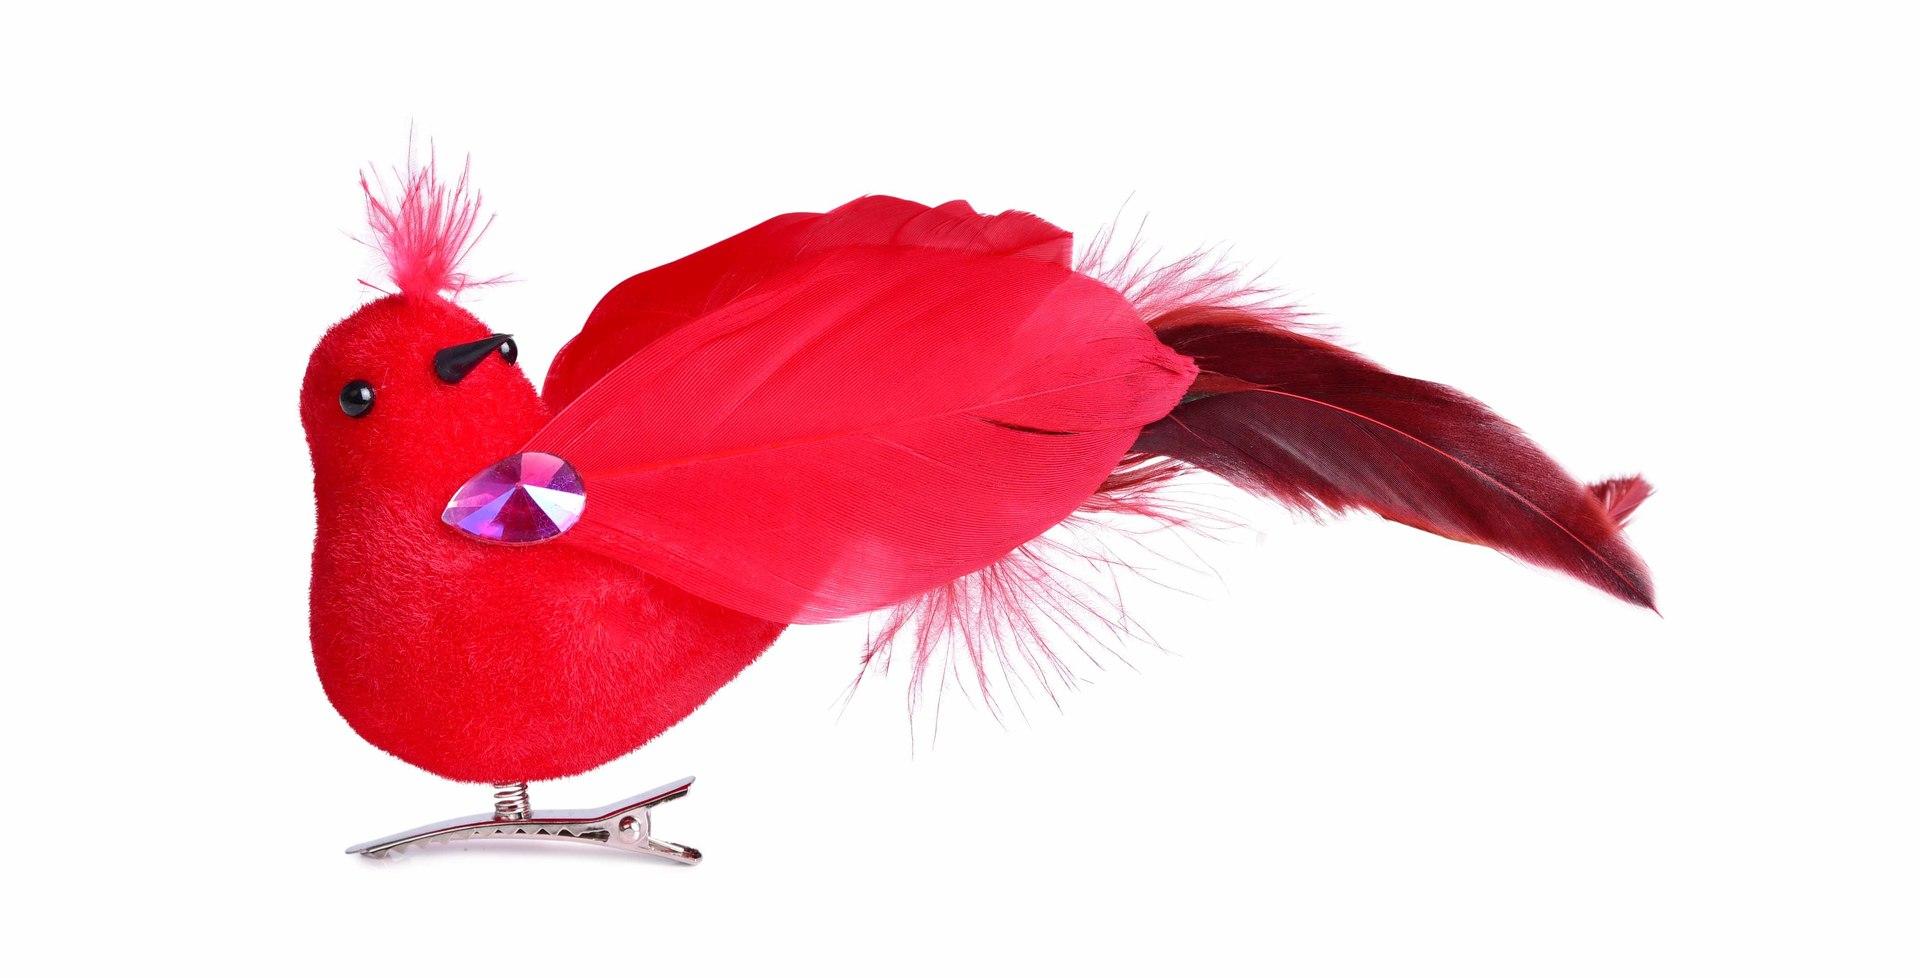 Ptáček s jemnými pírky, červený